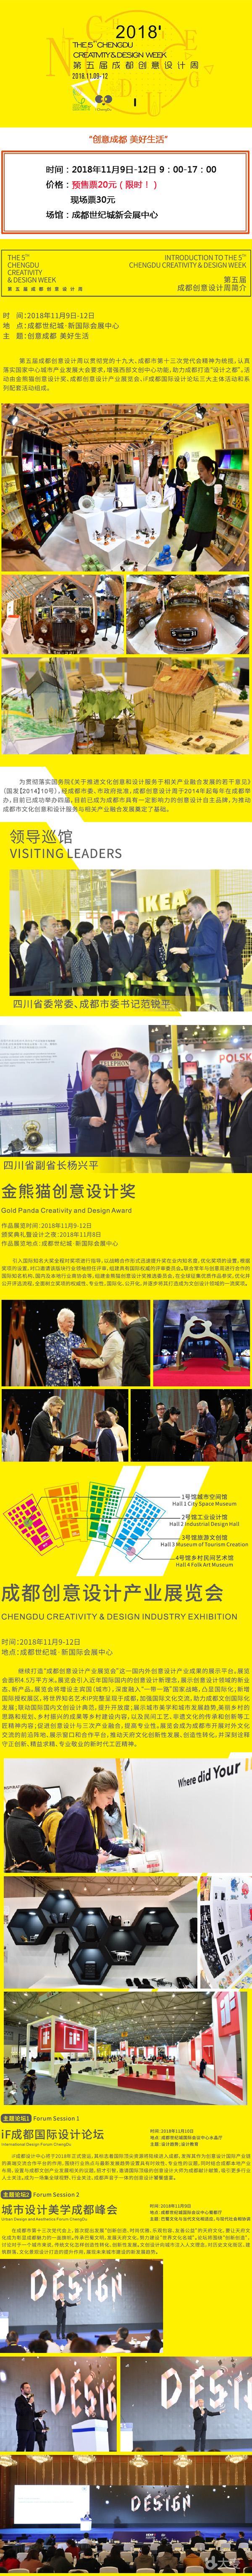 第五届成都创意设计周(时间 地点 门票)